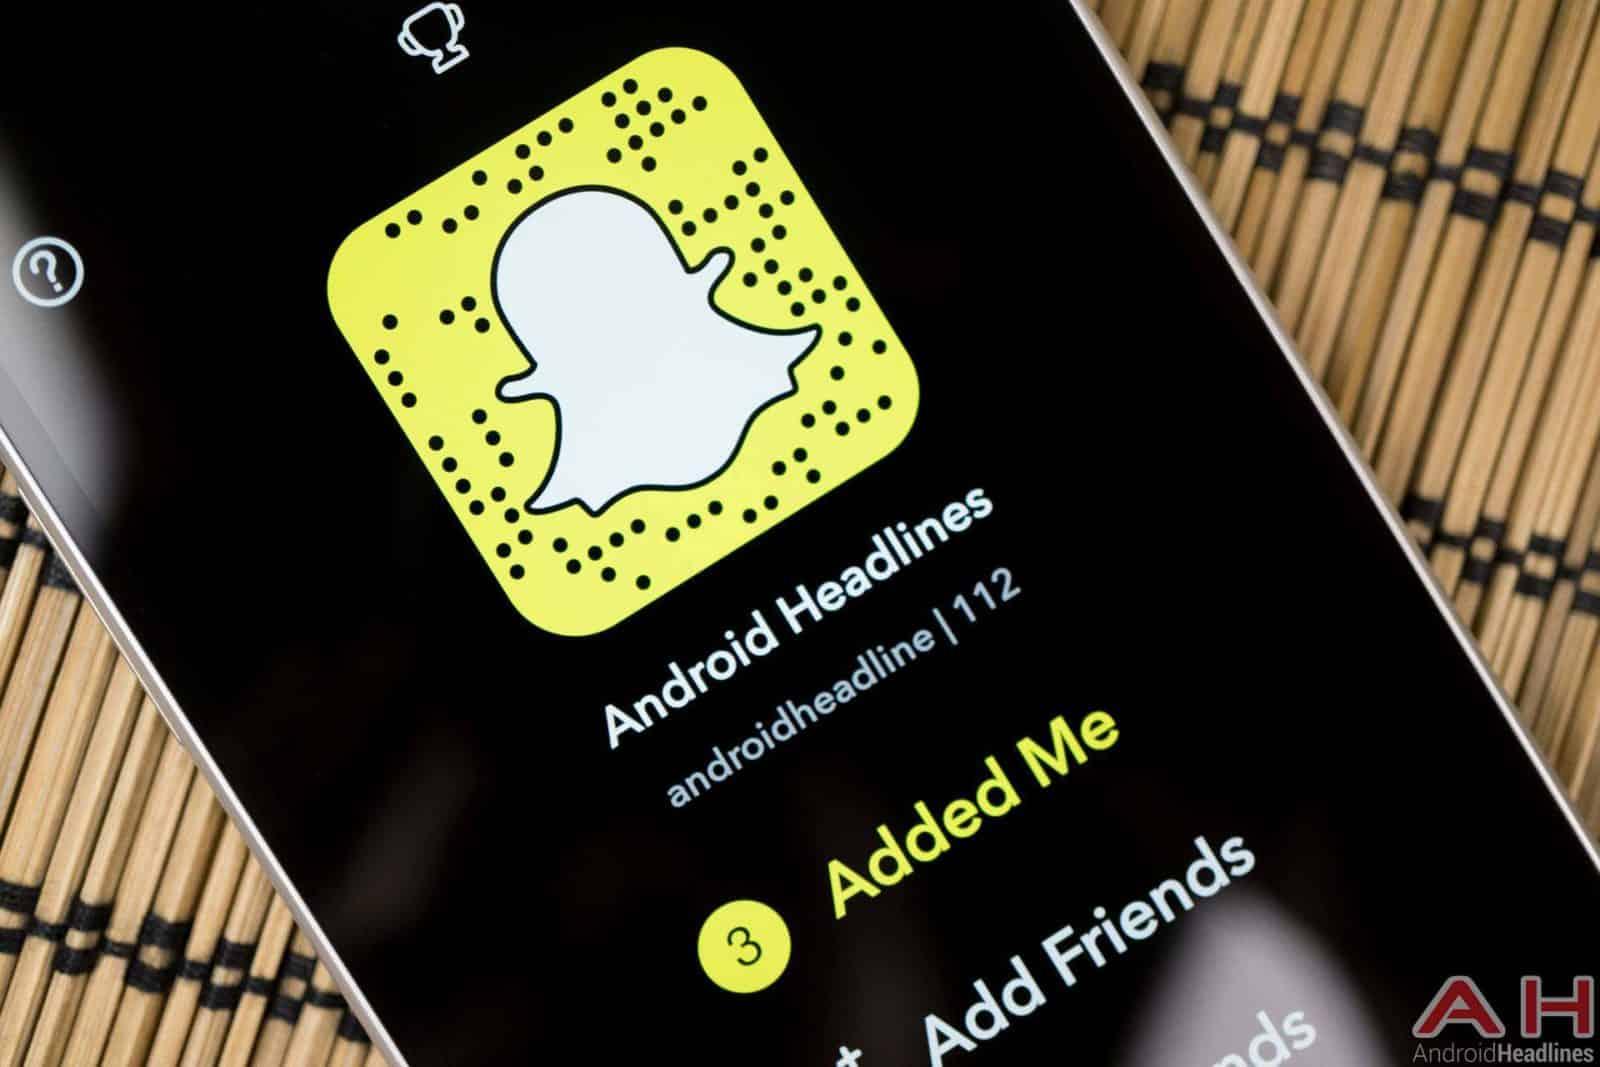 Mcdonalds starts soliciting snapchat job applications mcdonalds starts soliciting snapchat job applications falaconquin